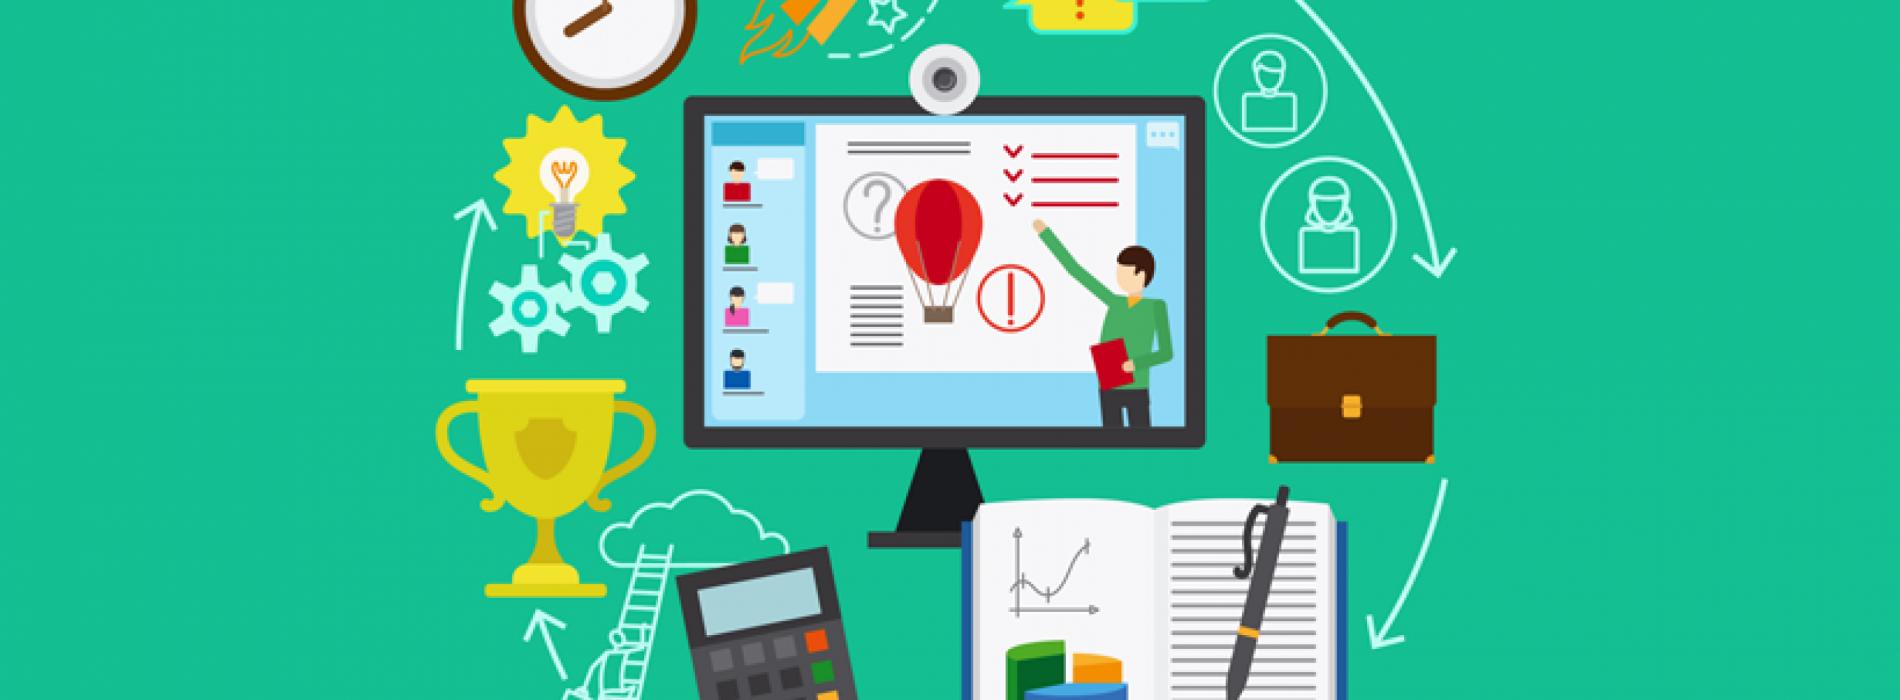 Üzleti terv és marketing stratégia – ismeretek mediátoroknak - KEMI e-learning